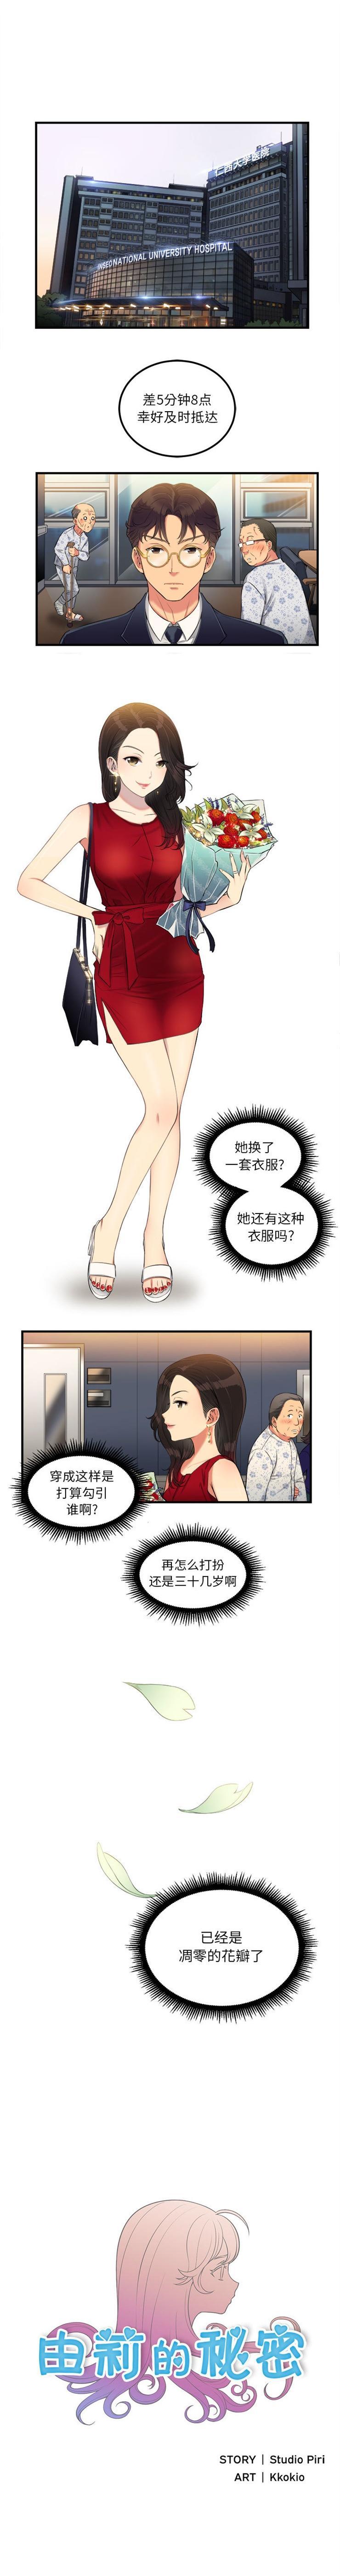 由莉的秘密1-60 中文翻译 (更新中) 38